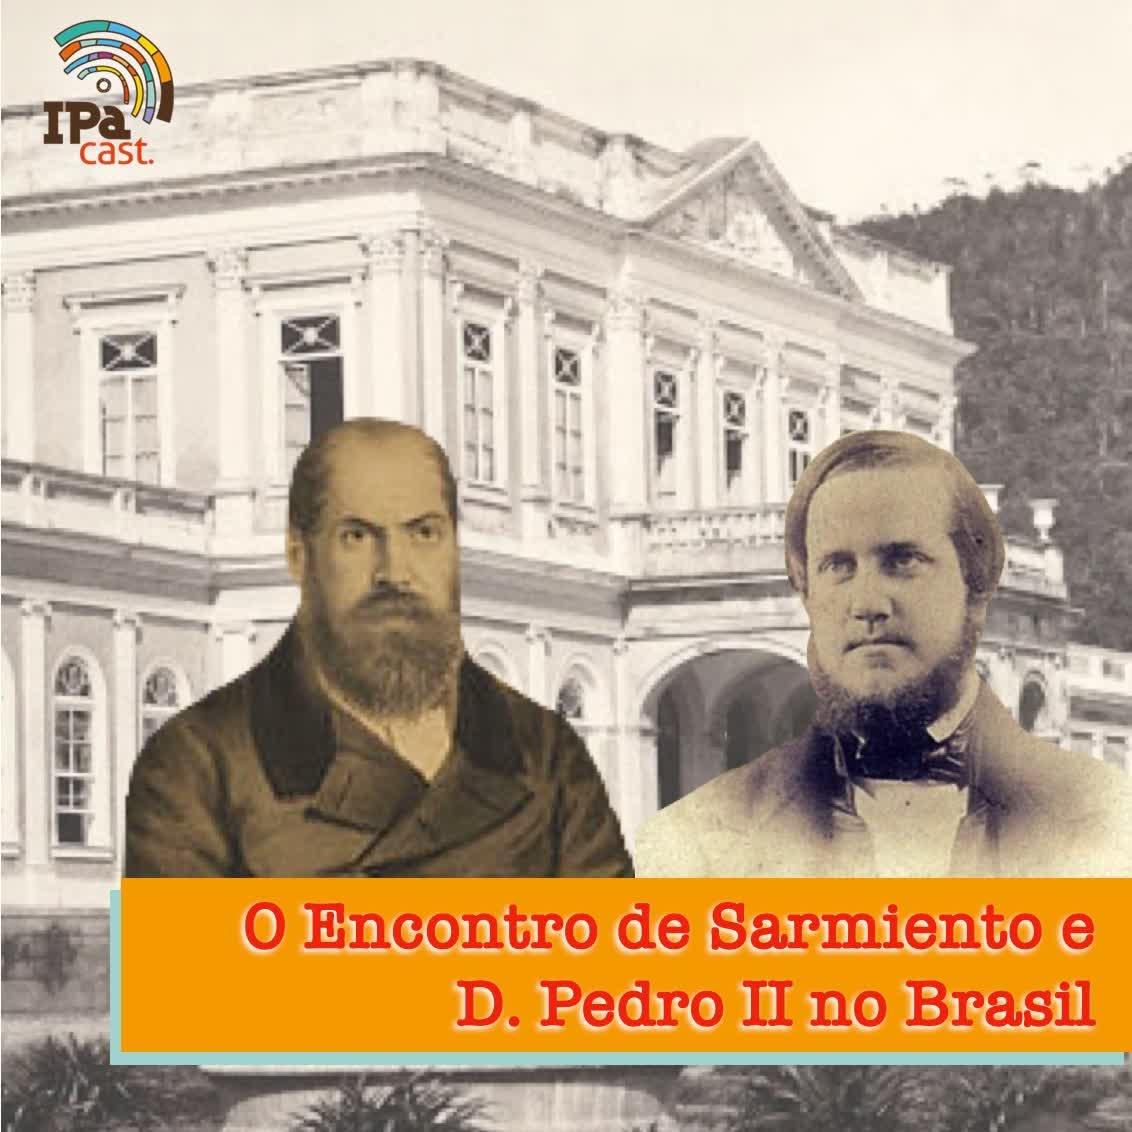 IPACast #004 Sarmiento no Brasil e os relatos de seu encontro com D. Pedro II